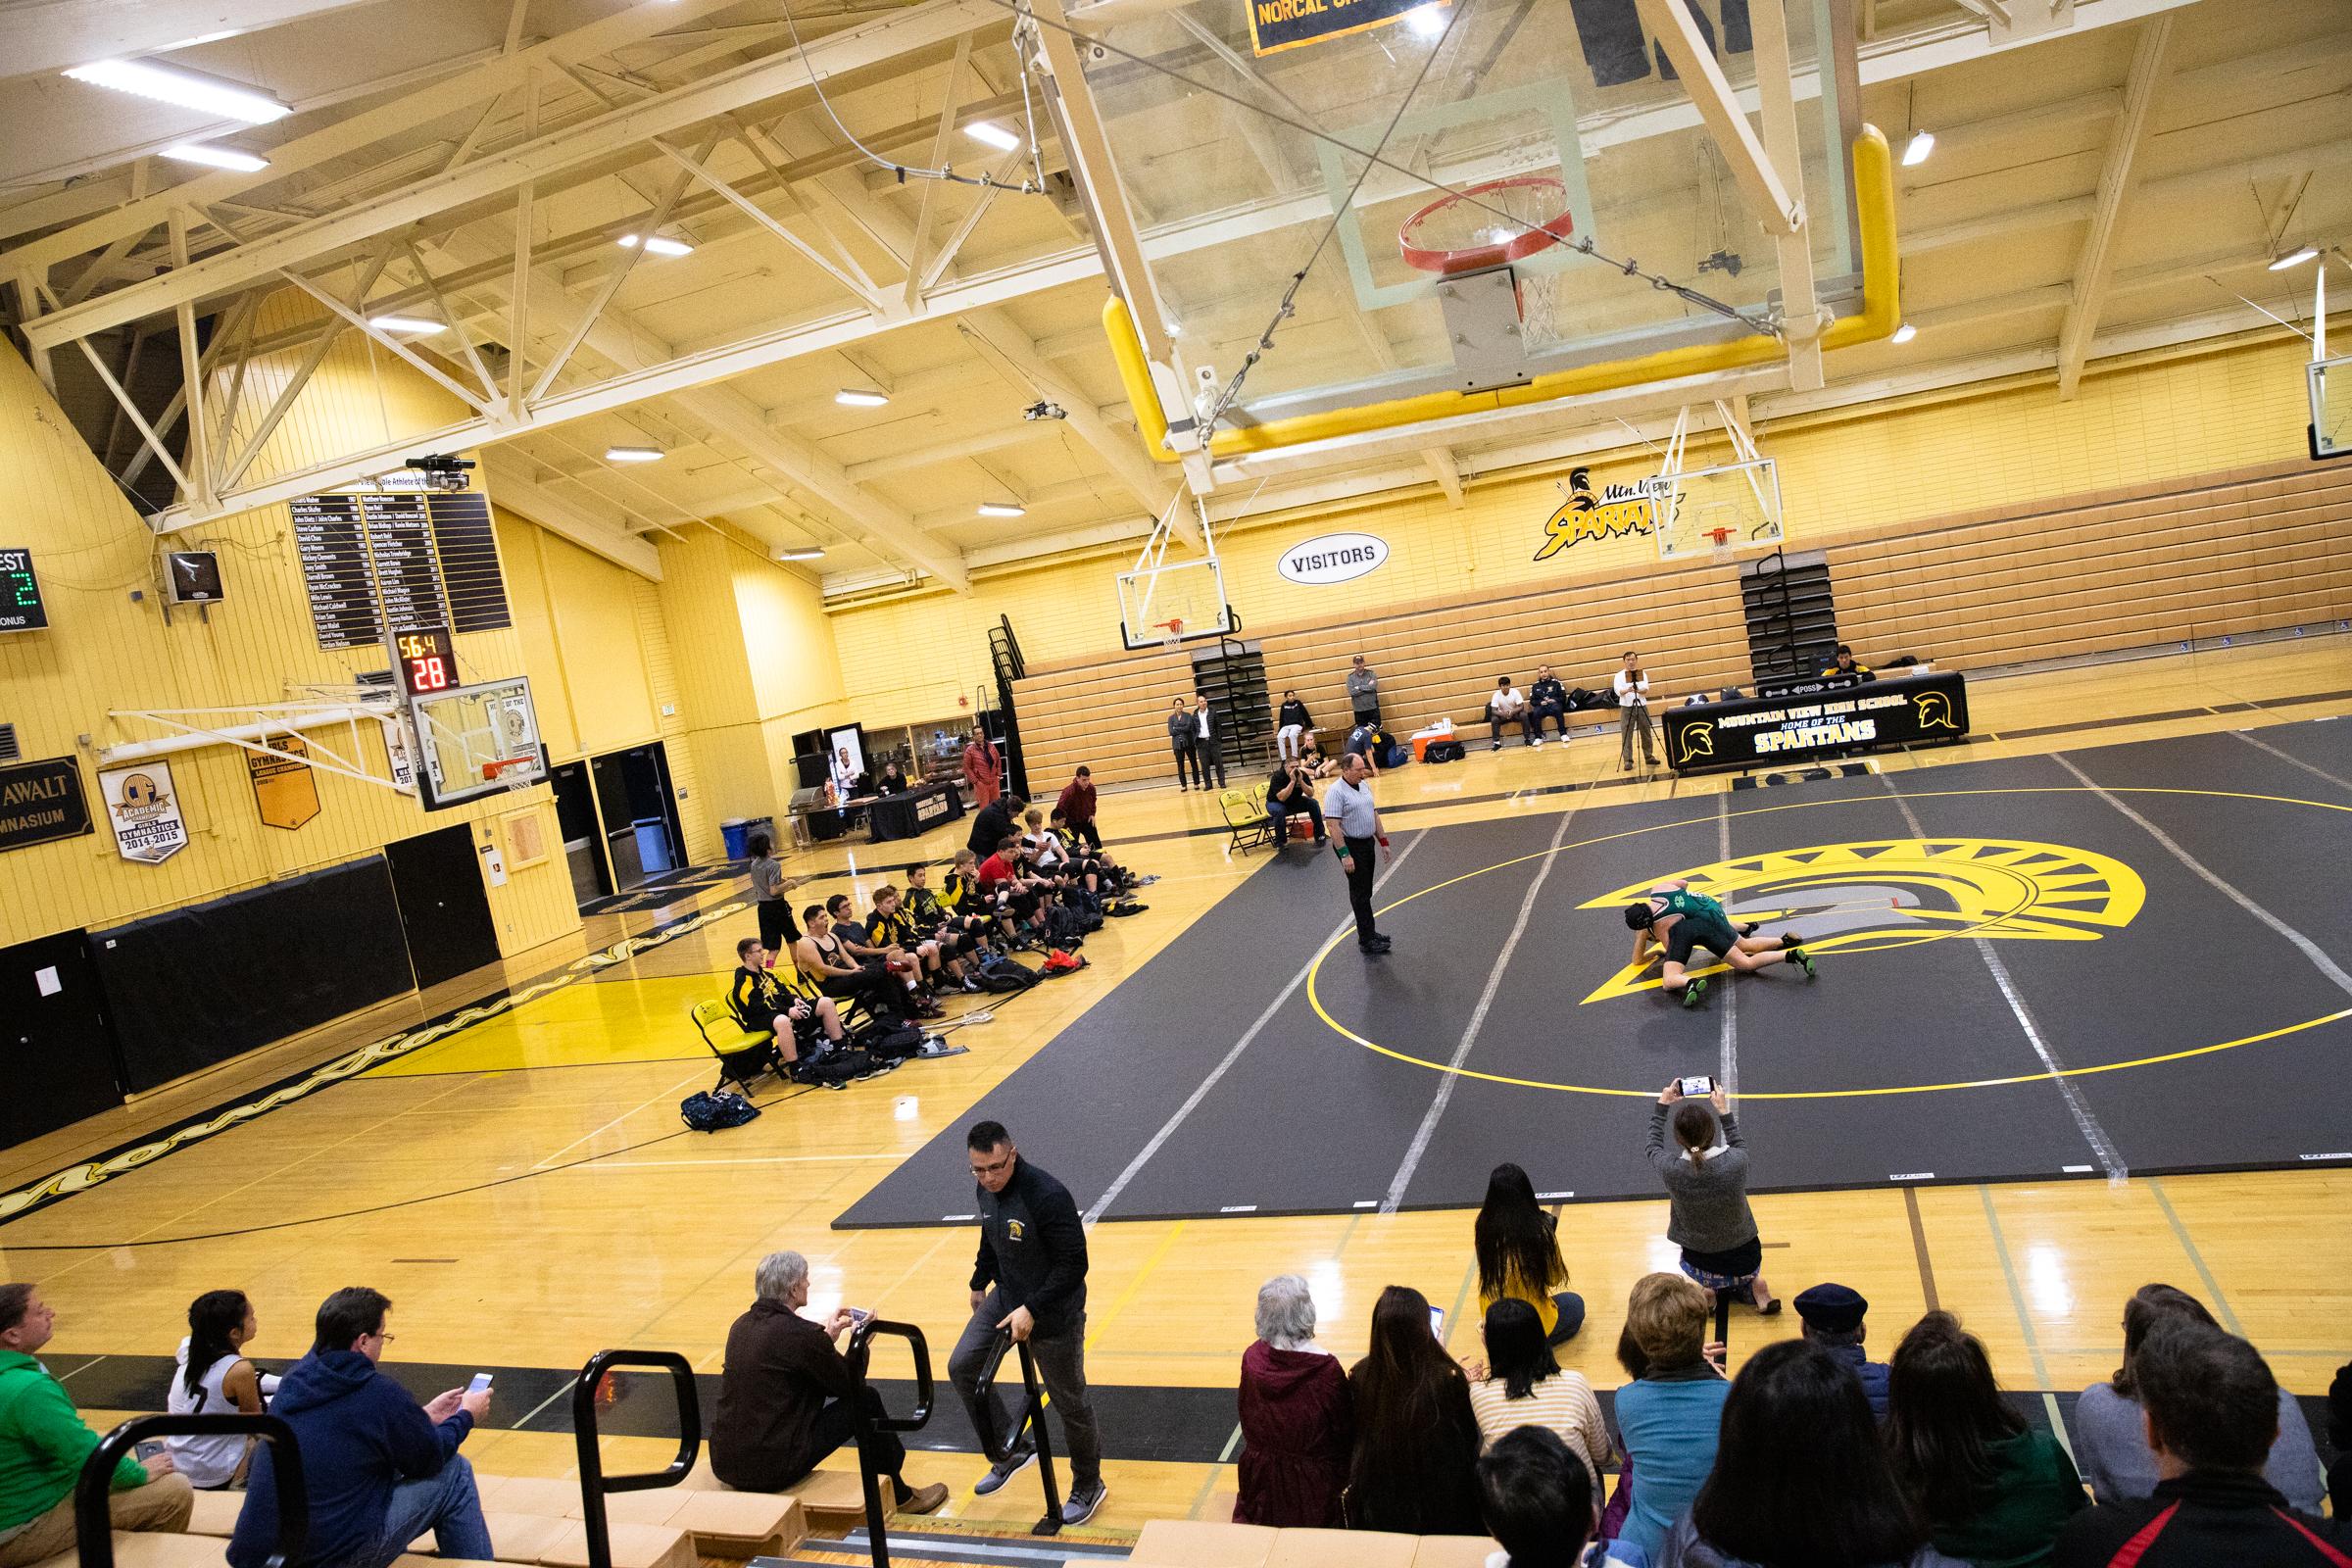 Paris Harrell wrestles Ava Aufderheide from Homestead High School during a meet at Mountain View High School in Mountain View, California, on Jan. 31.